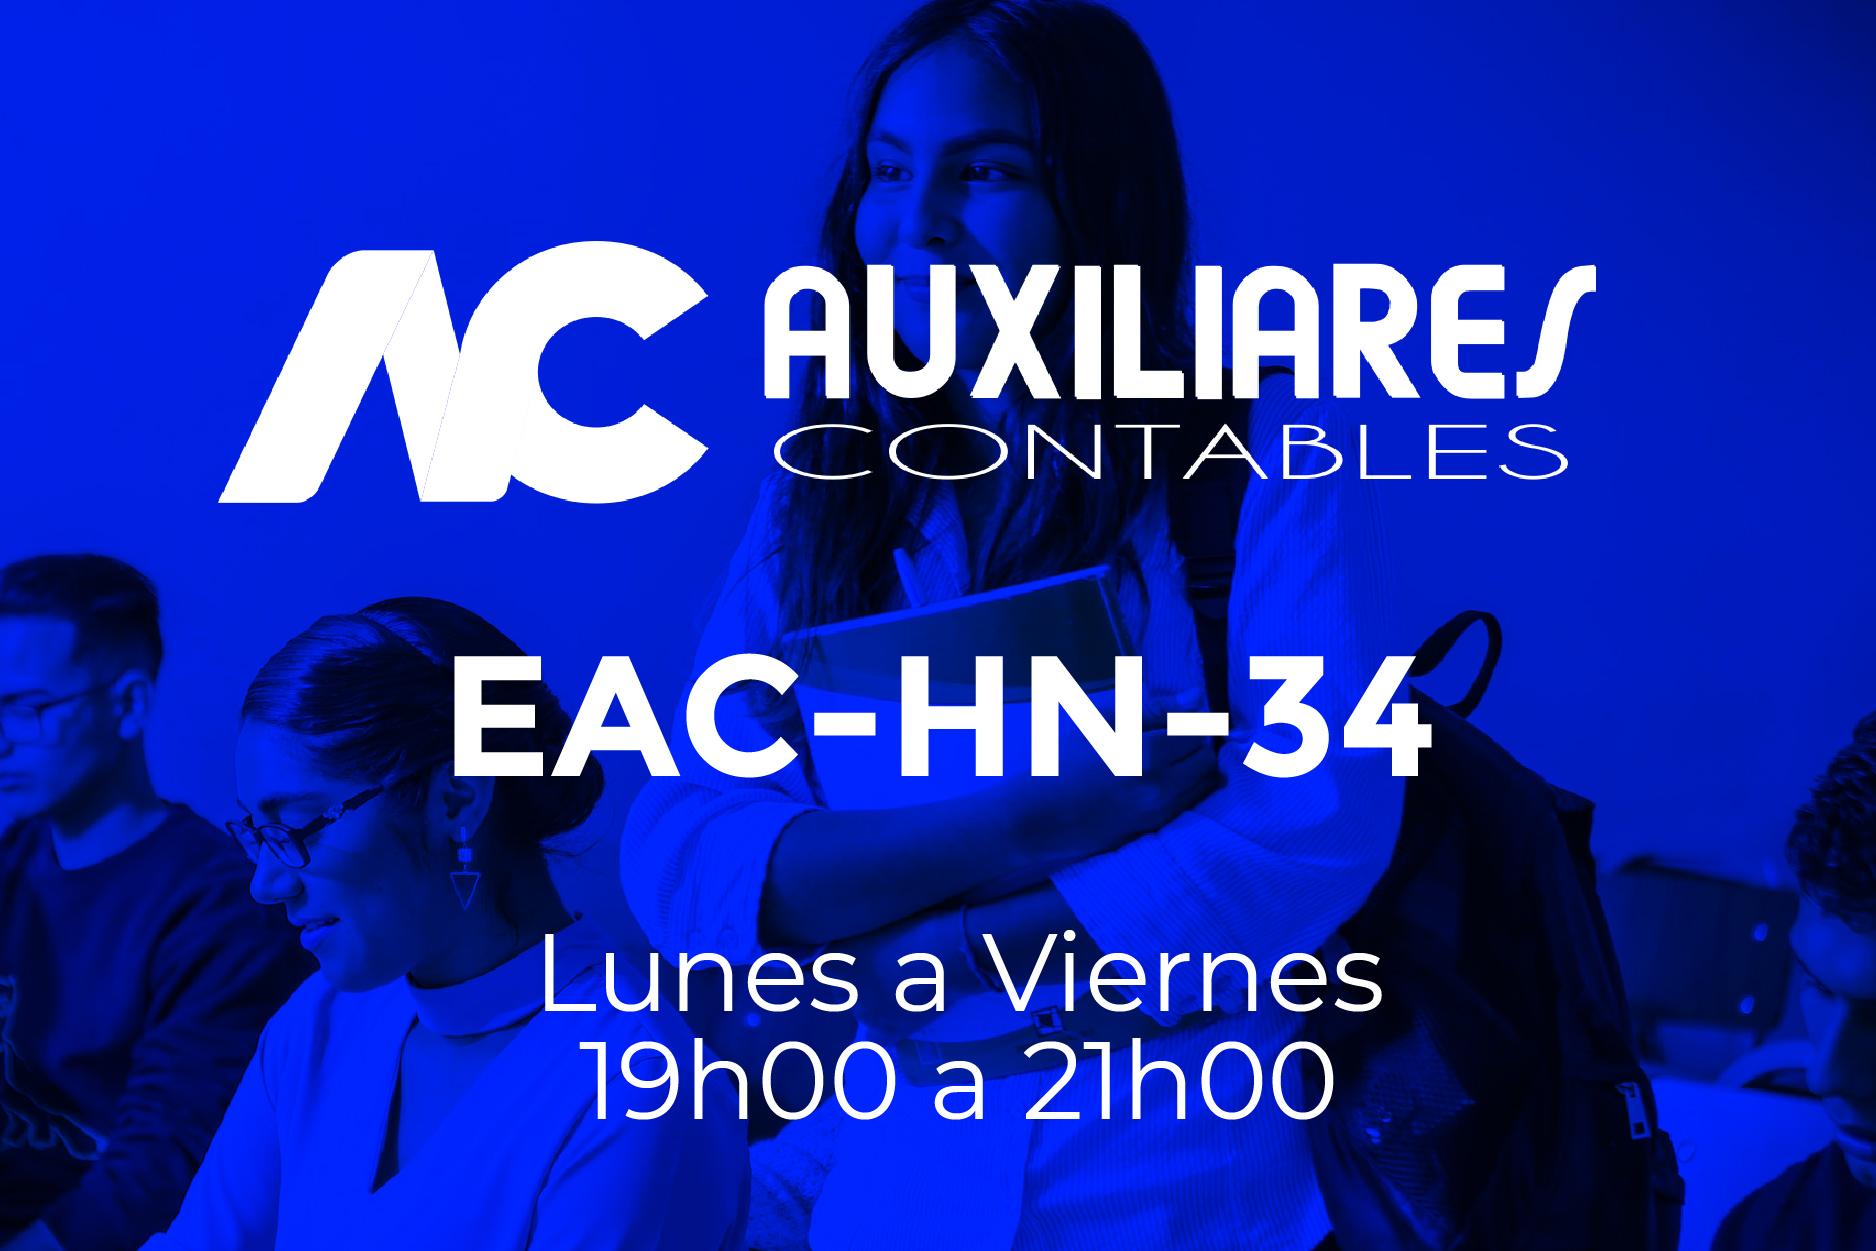 34 - AUXILIARES CONTABLES - LUNES A VIERNES - 19:00 A 21:00